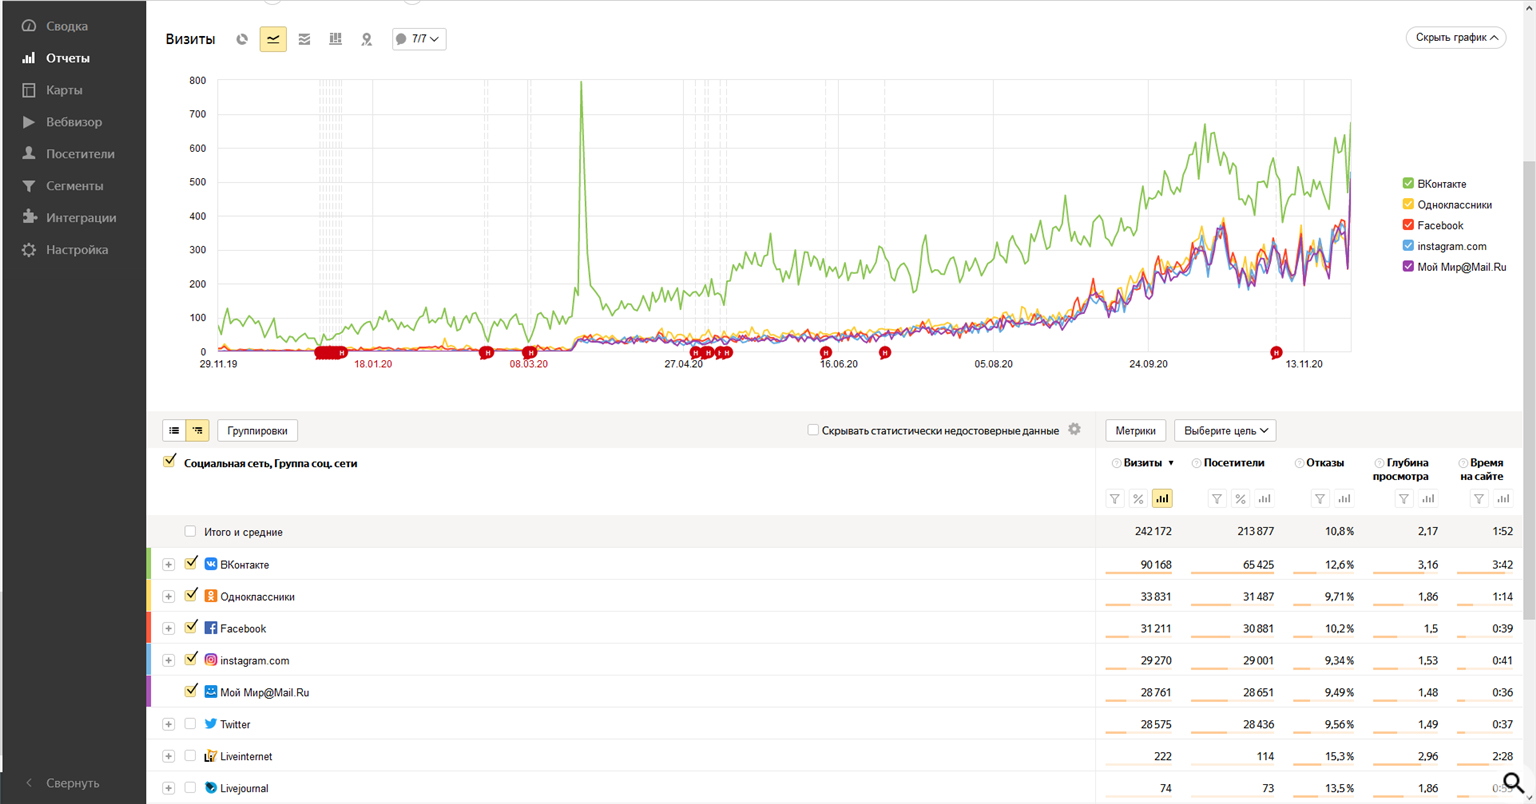 Массовая накрутка поведенческих факторов в рунете график трафика из соцсетей